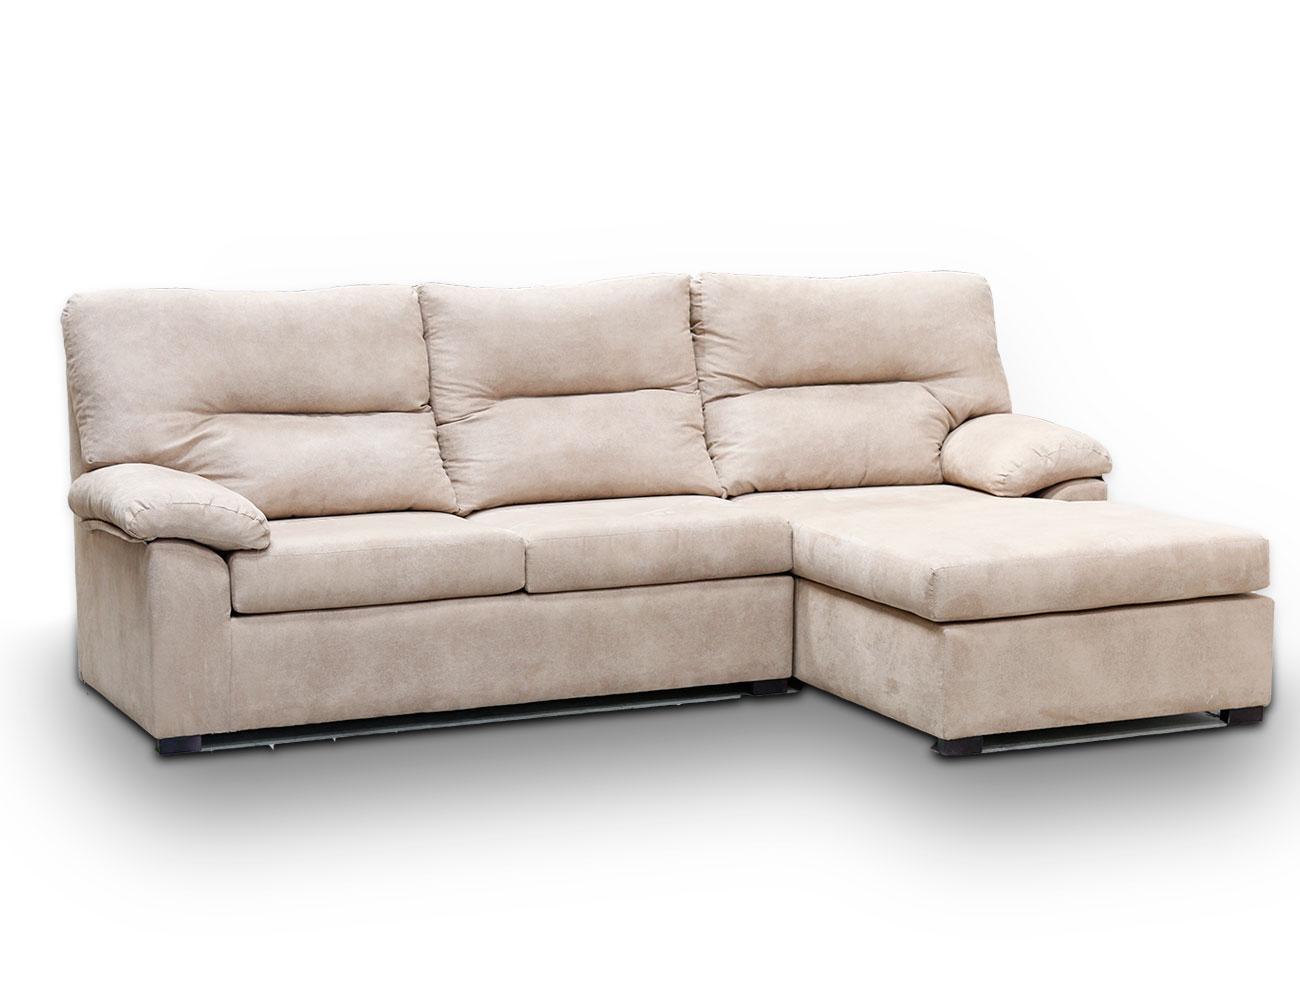 Sofa chaiselongue reversible barato2